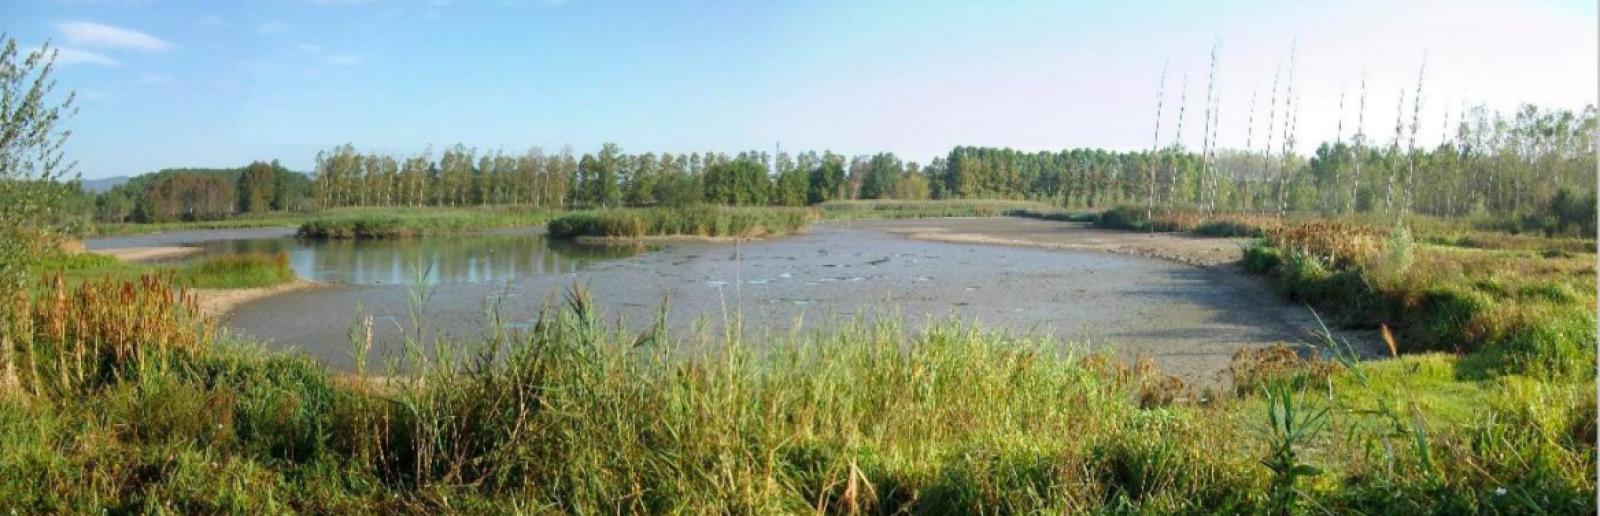 L'estany de Sils